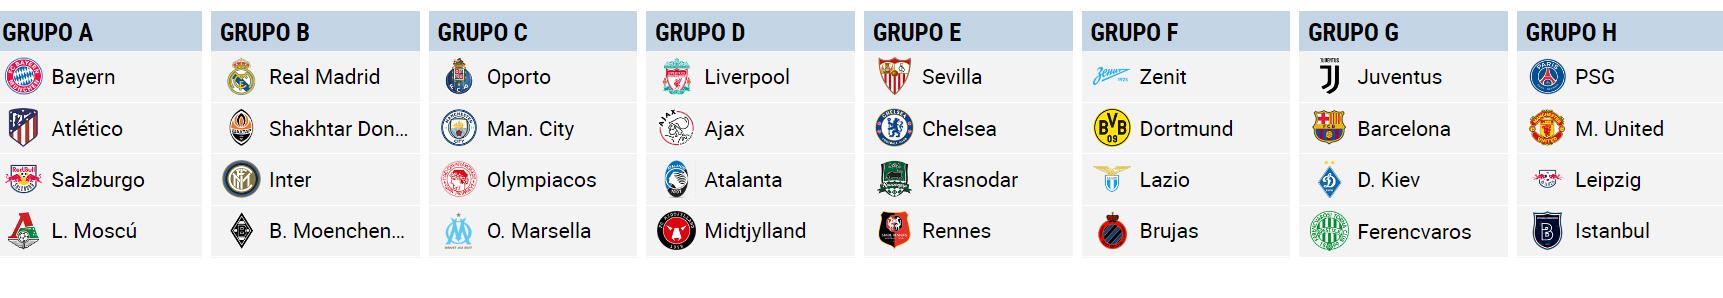 champions-20-21% - La Champions League ya tiene los grupos sorteados